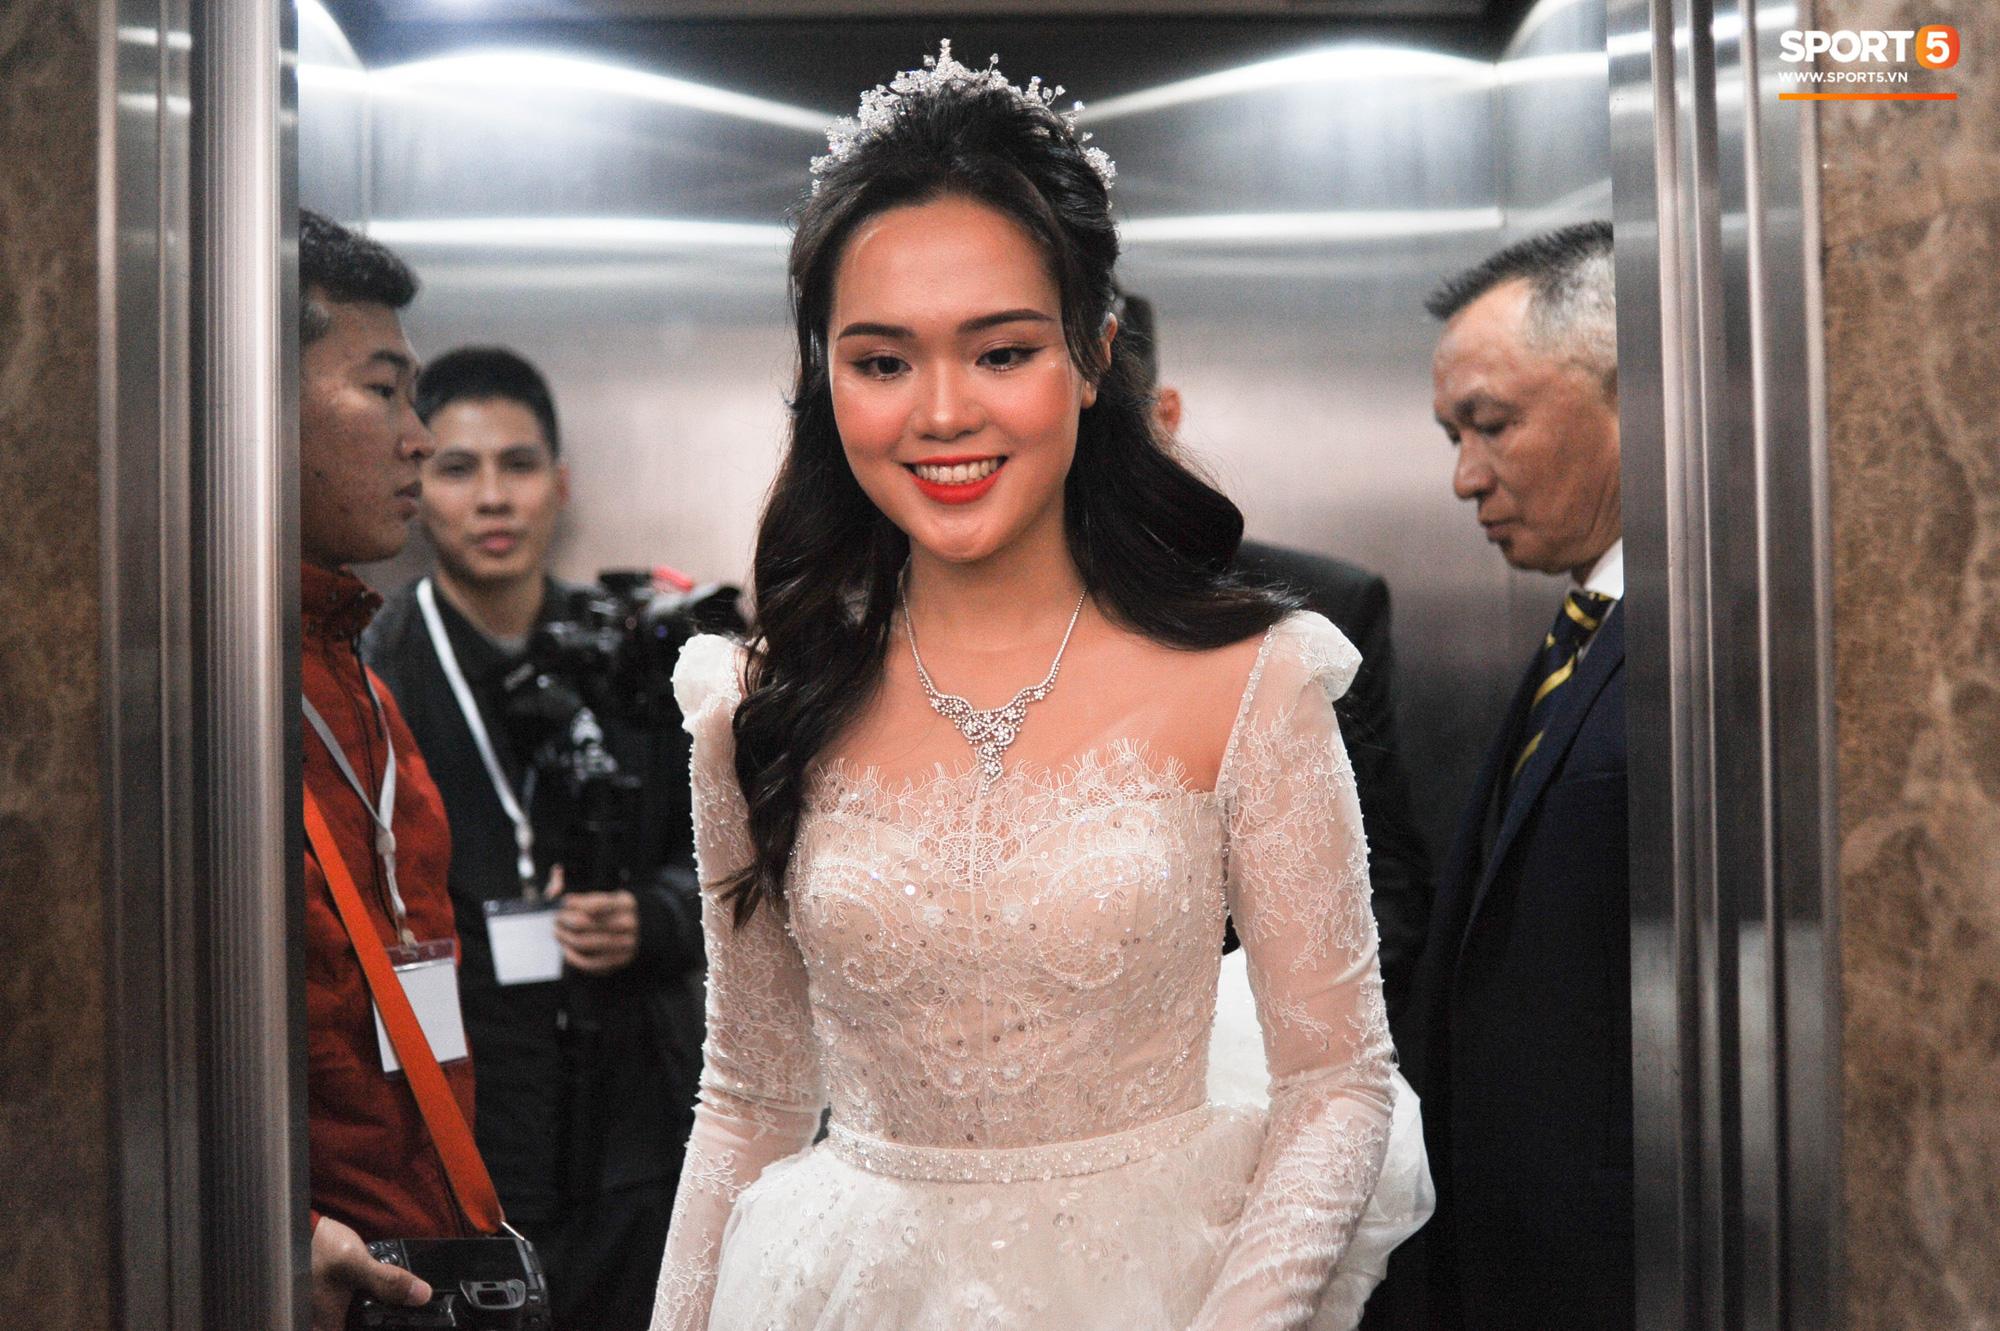 Sau lần 'trang điểm sương sương' tai hại, thợ make-up đã sửa sai giúp Quỳnh Anh trở thành công chúa thật sự 10